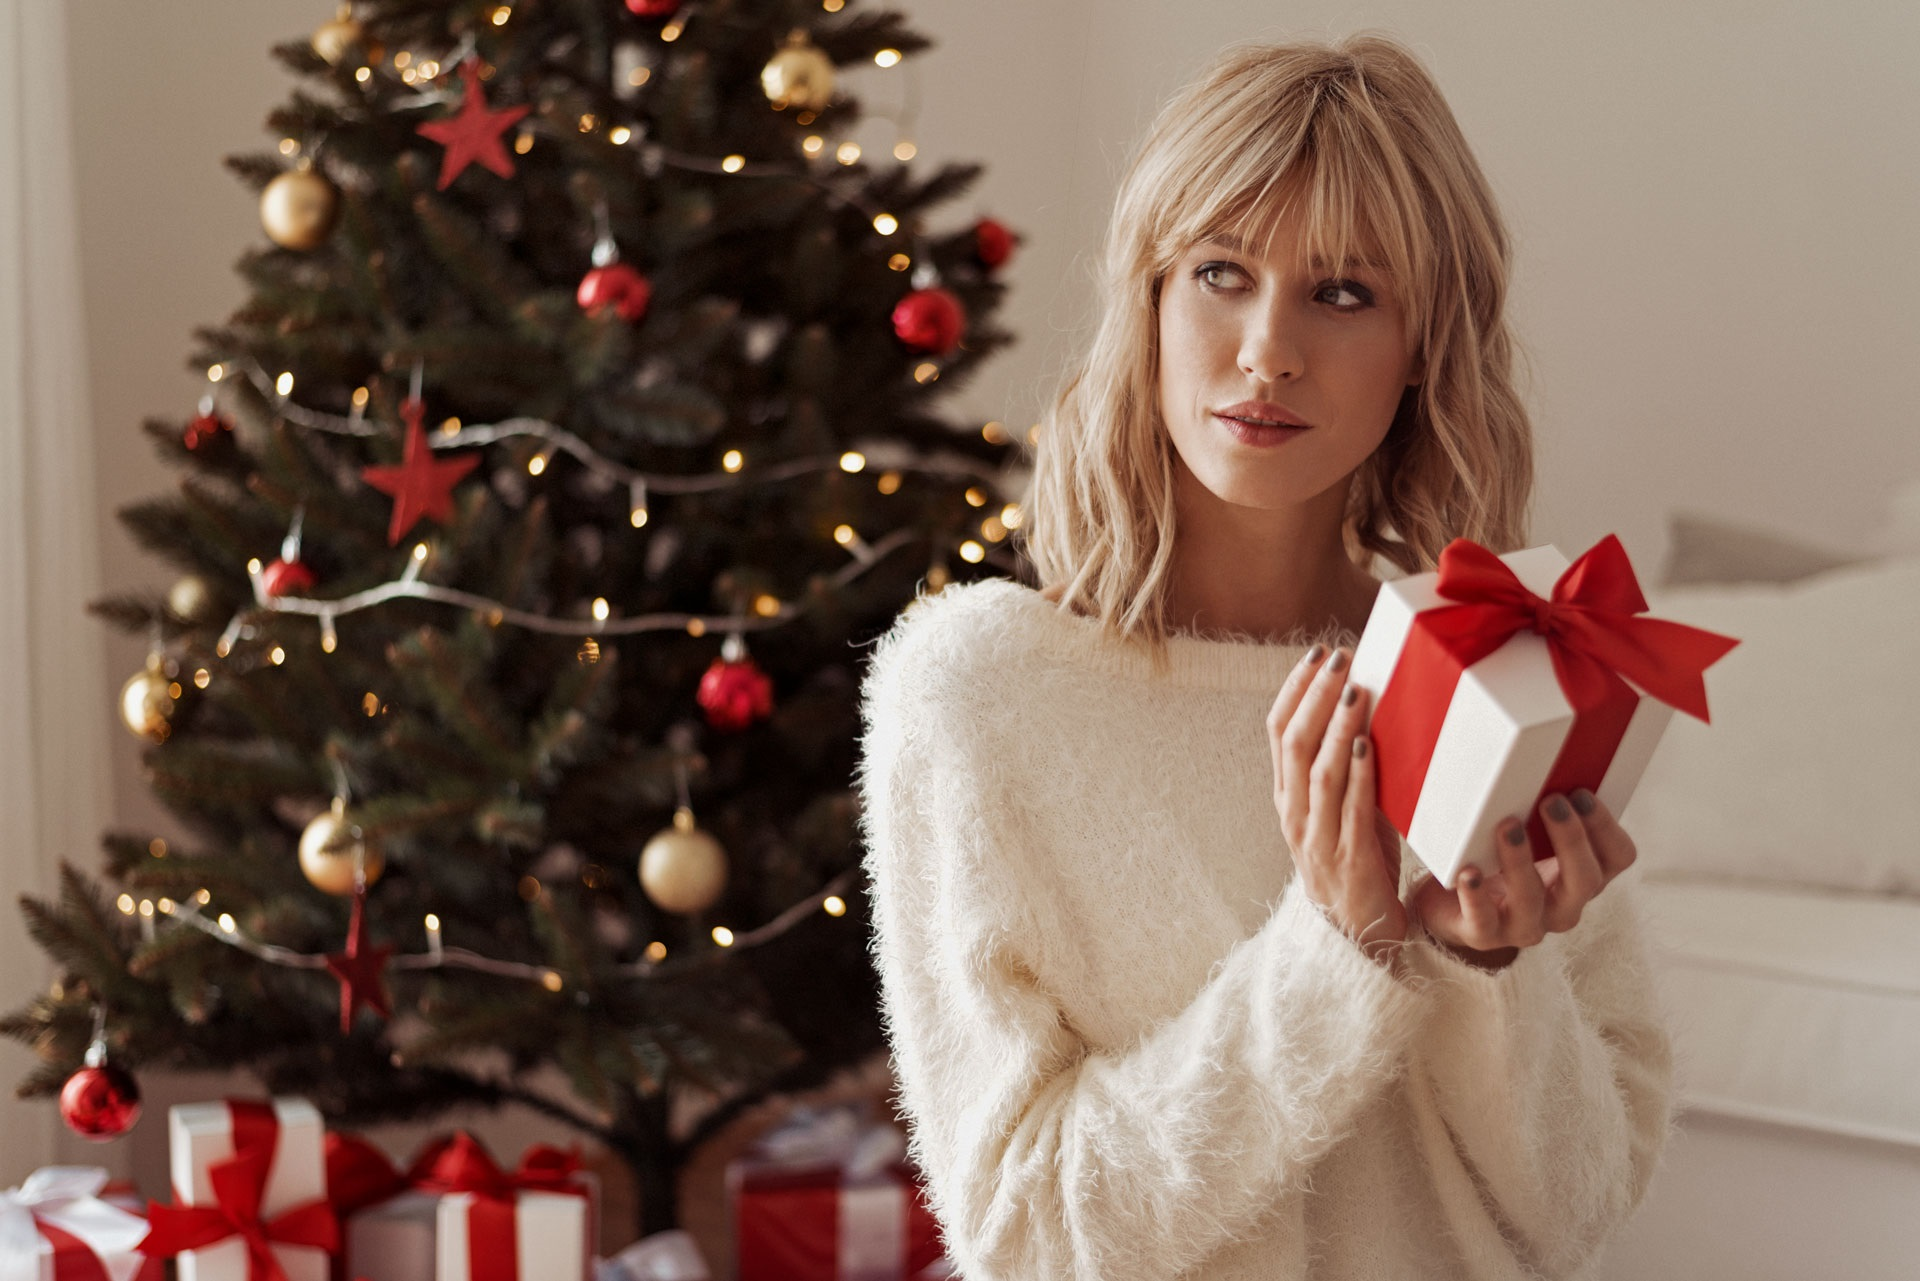 Najboljša božična darila za ženske